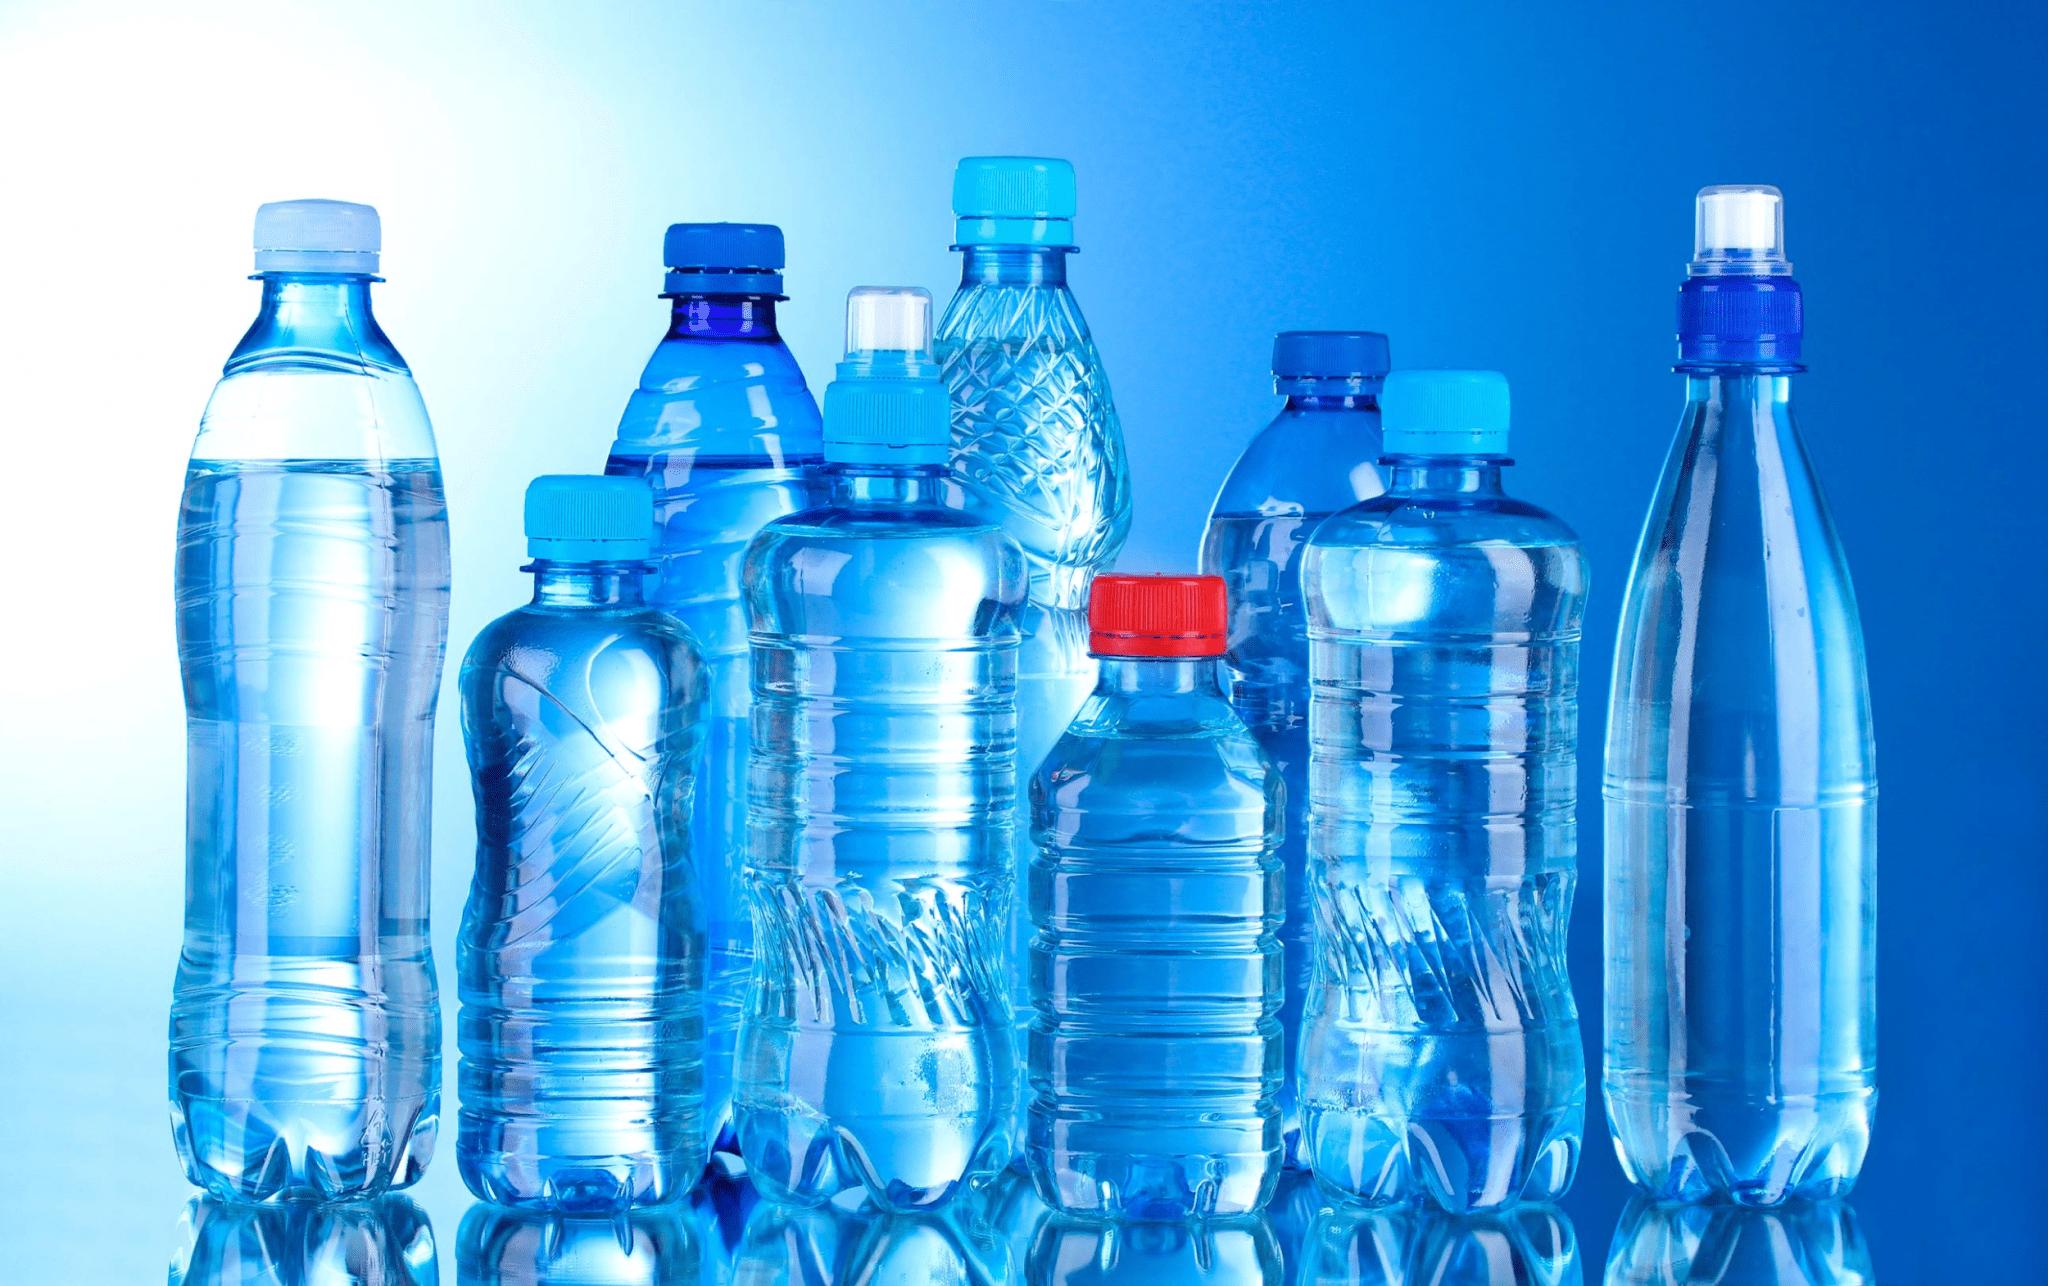 Продукты без бисфенола-А по-прежнему содержат бисфенолы одинаковой токсичности